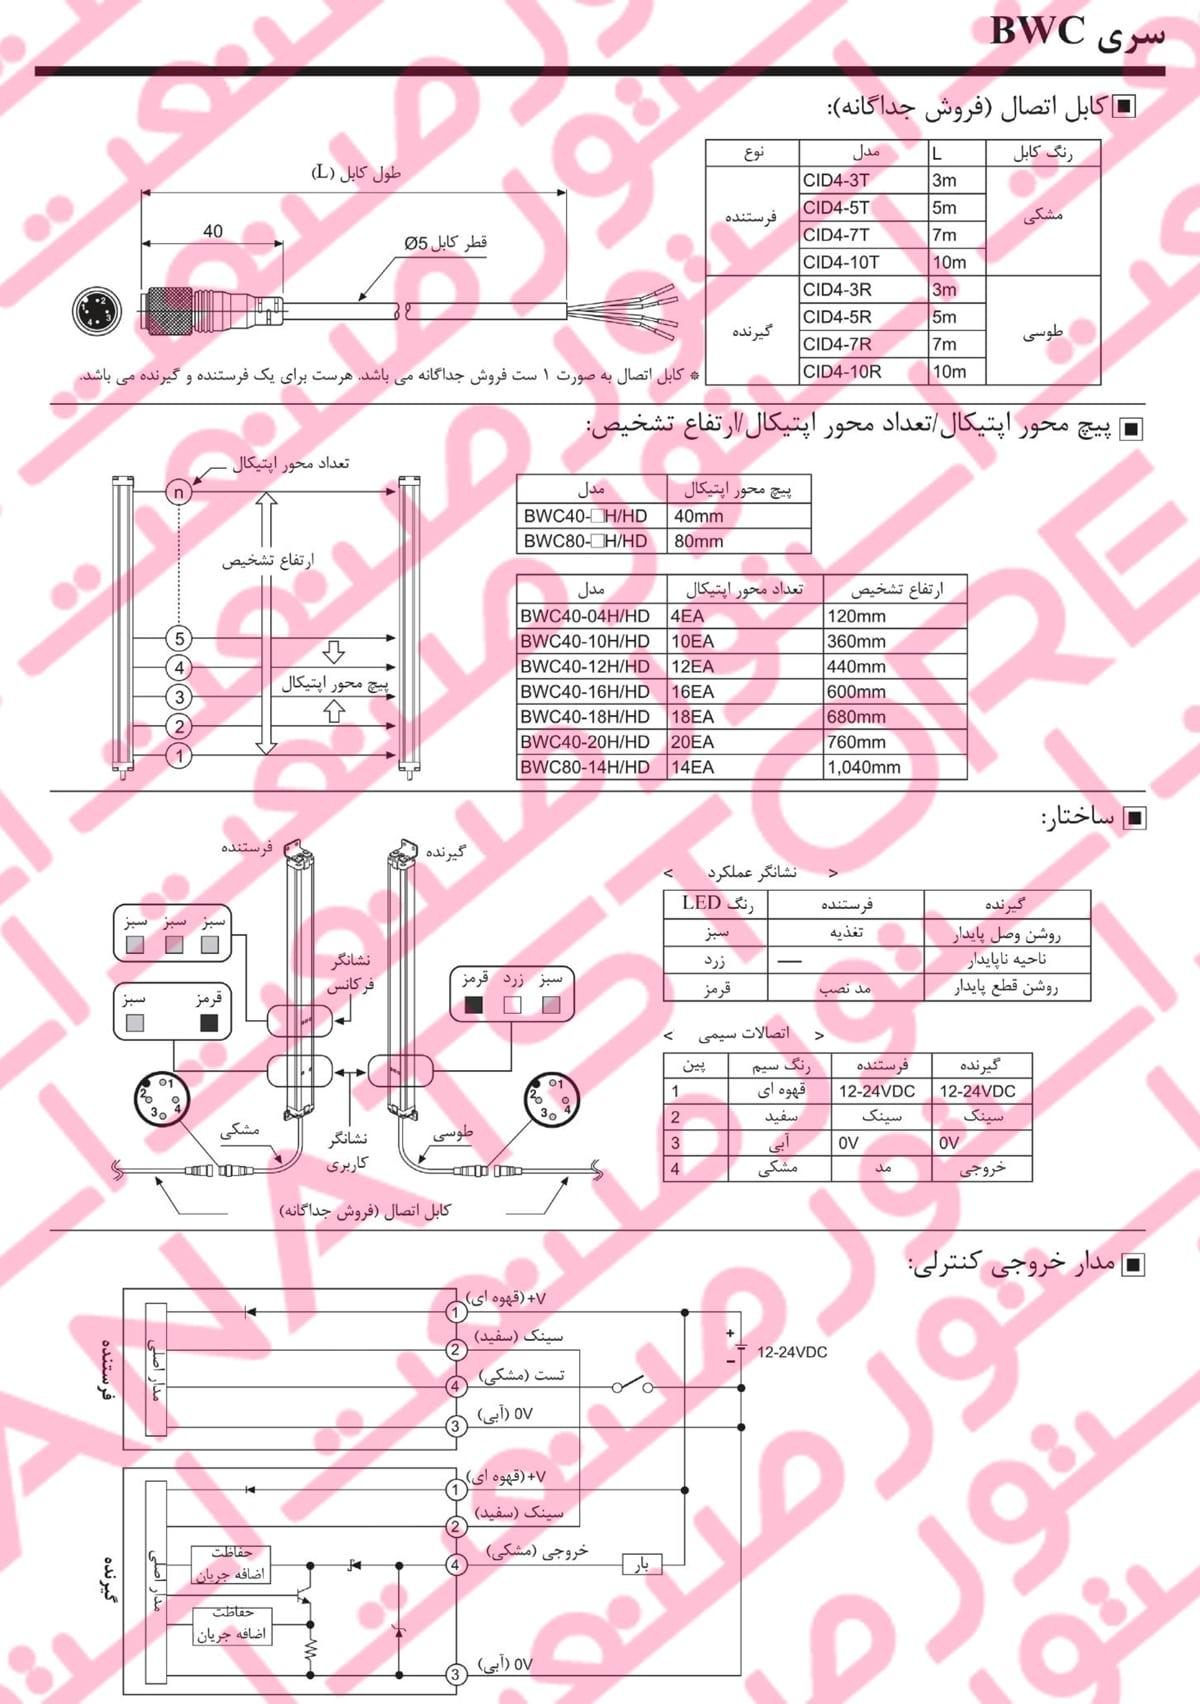 راهنمای نصب پرده های نوری آتونیکس سری BWC